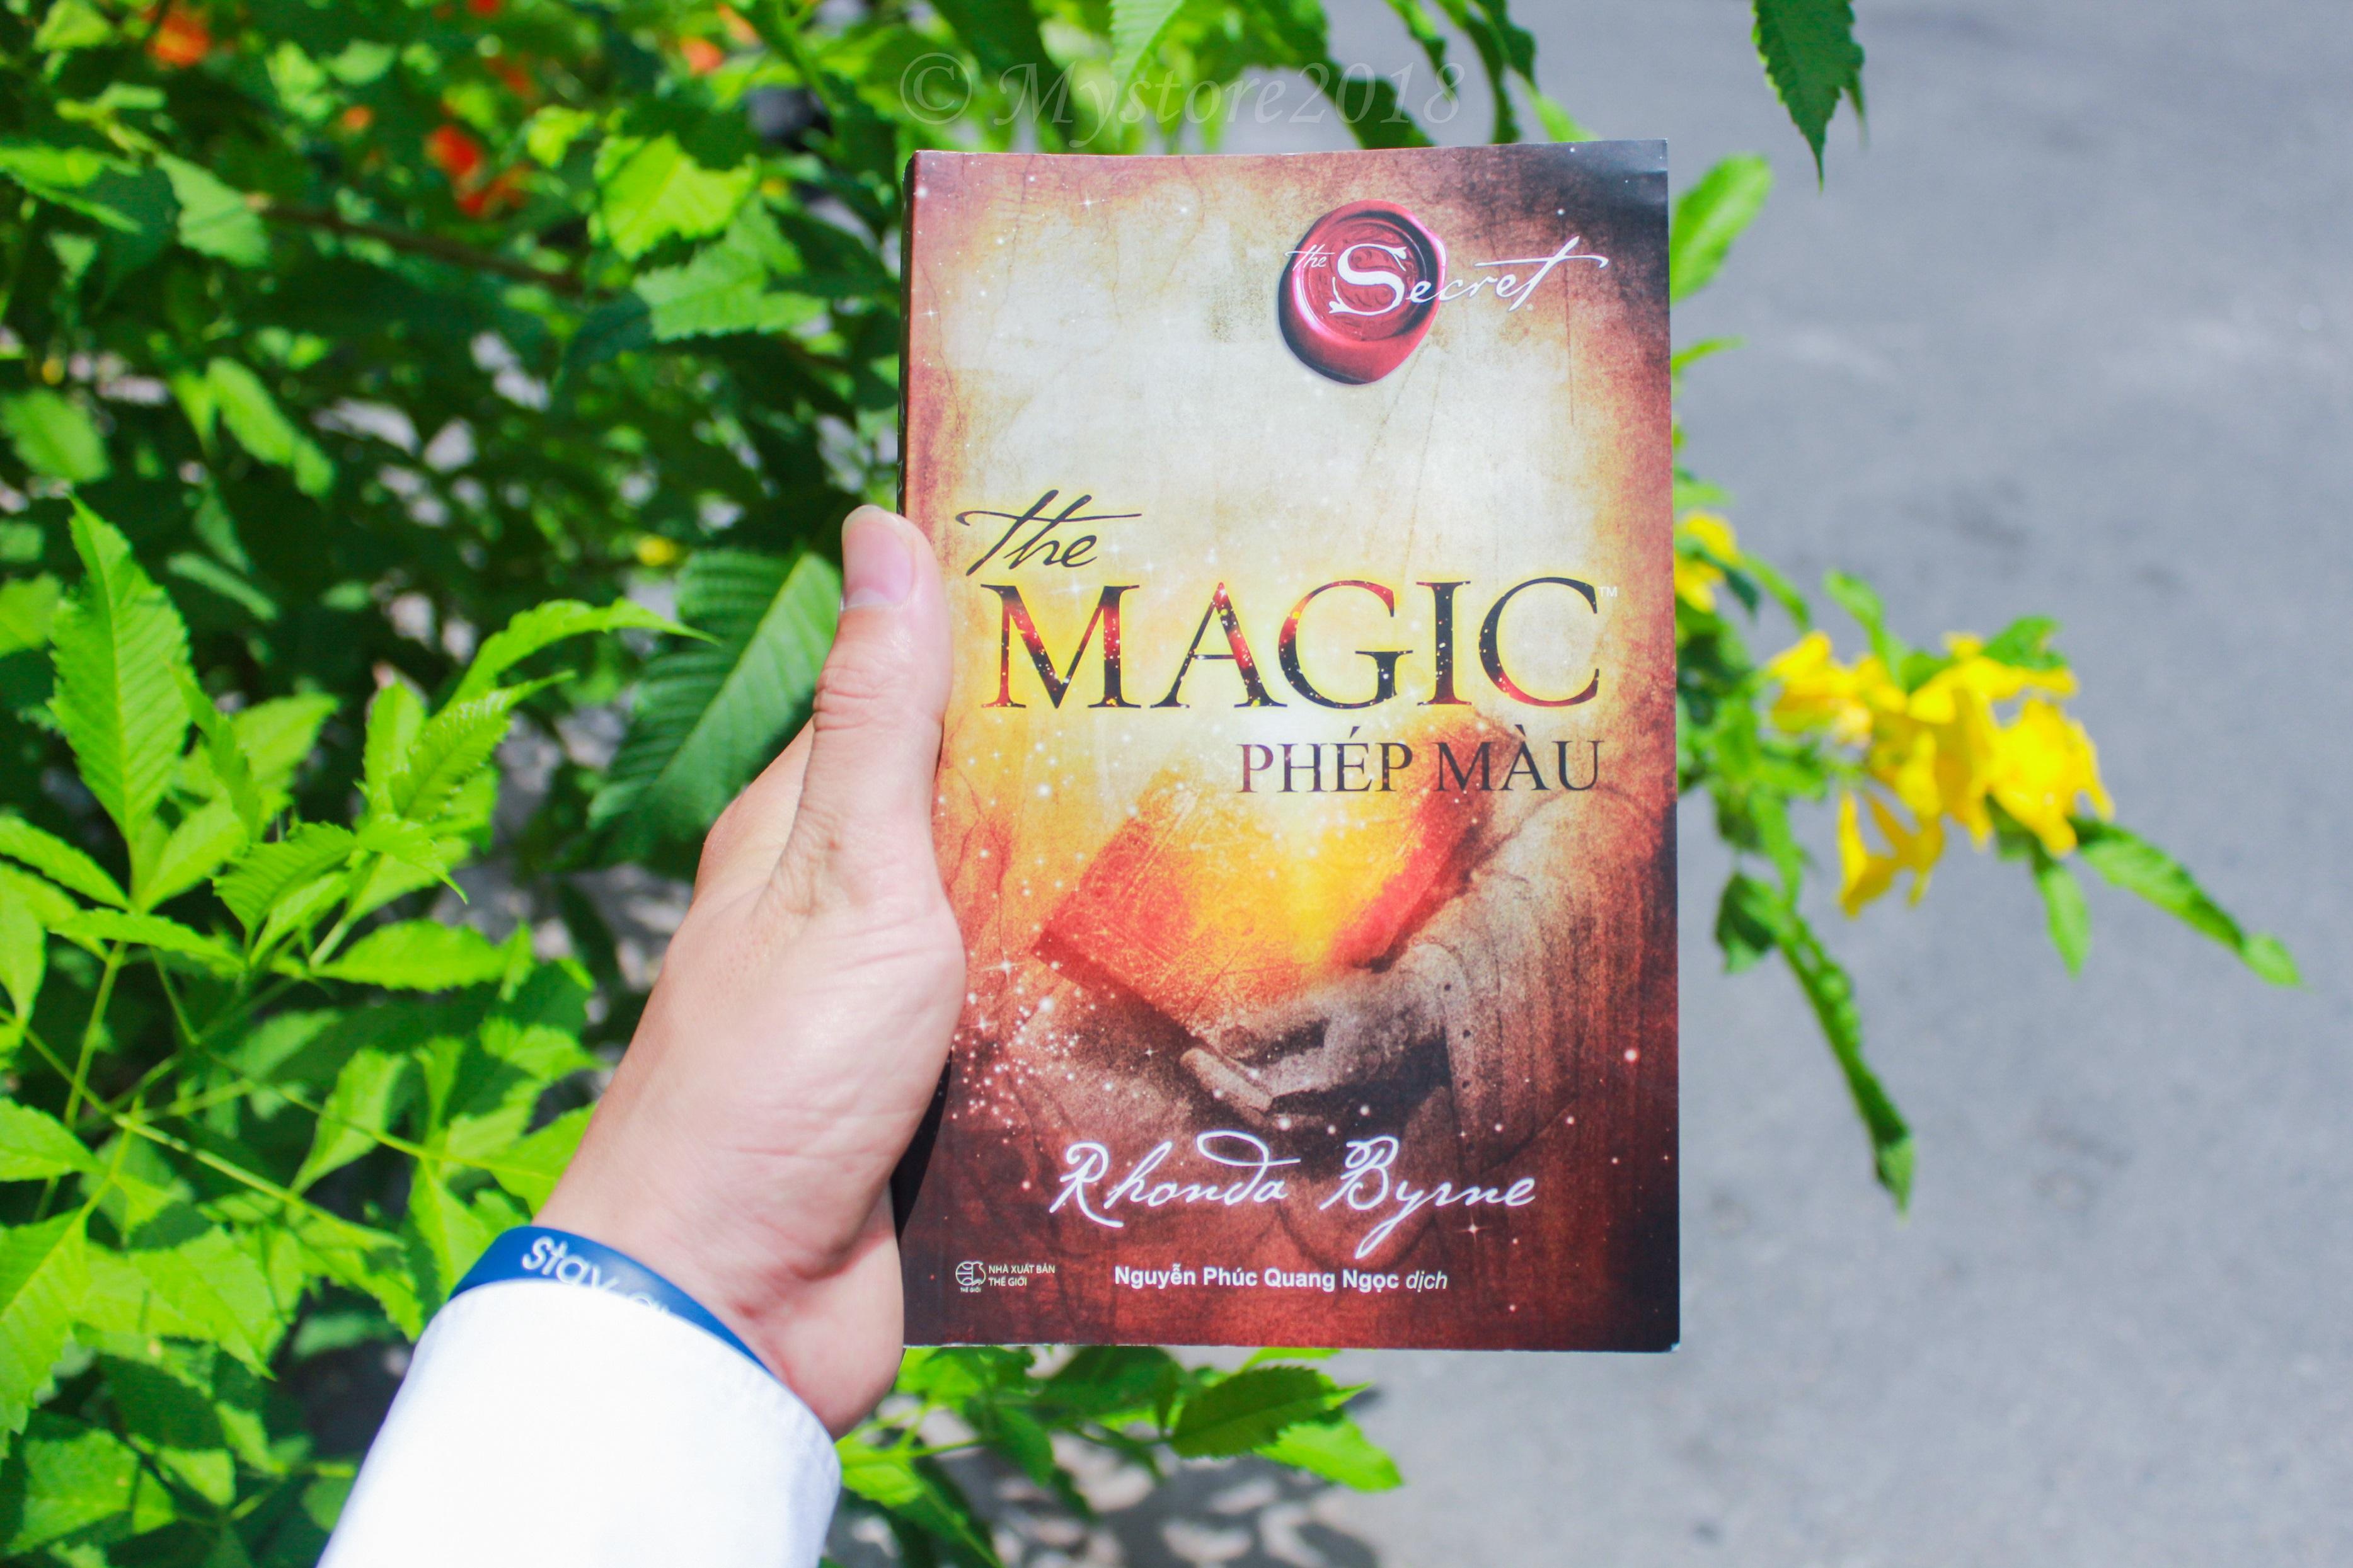 Mua Sách Giấy- The Magic Phép Màu